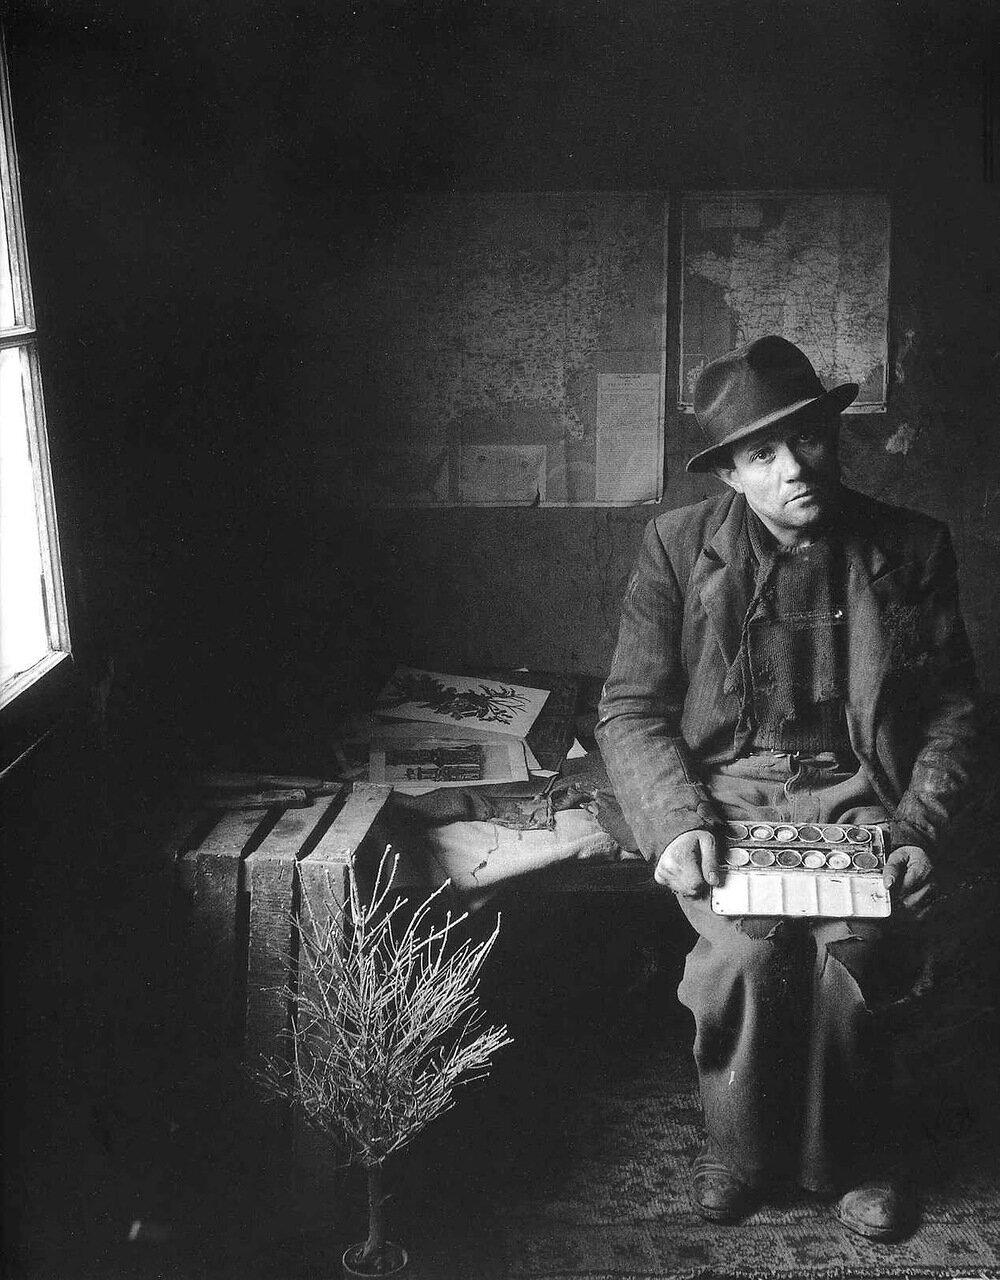 1948. Дюваль, художник-рекламщик на рю Висконти, 5